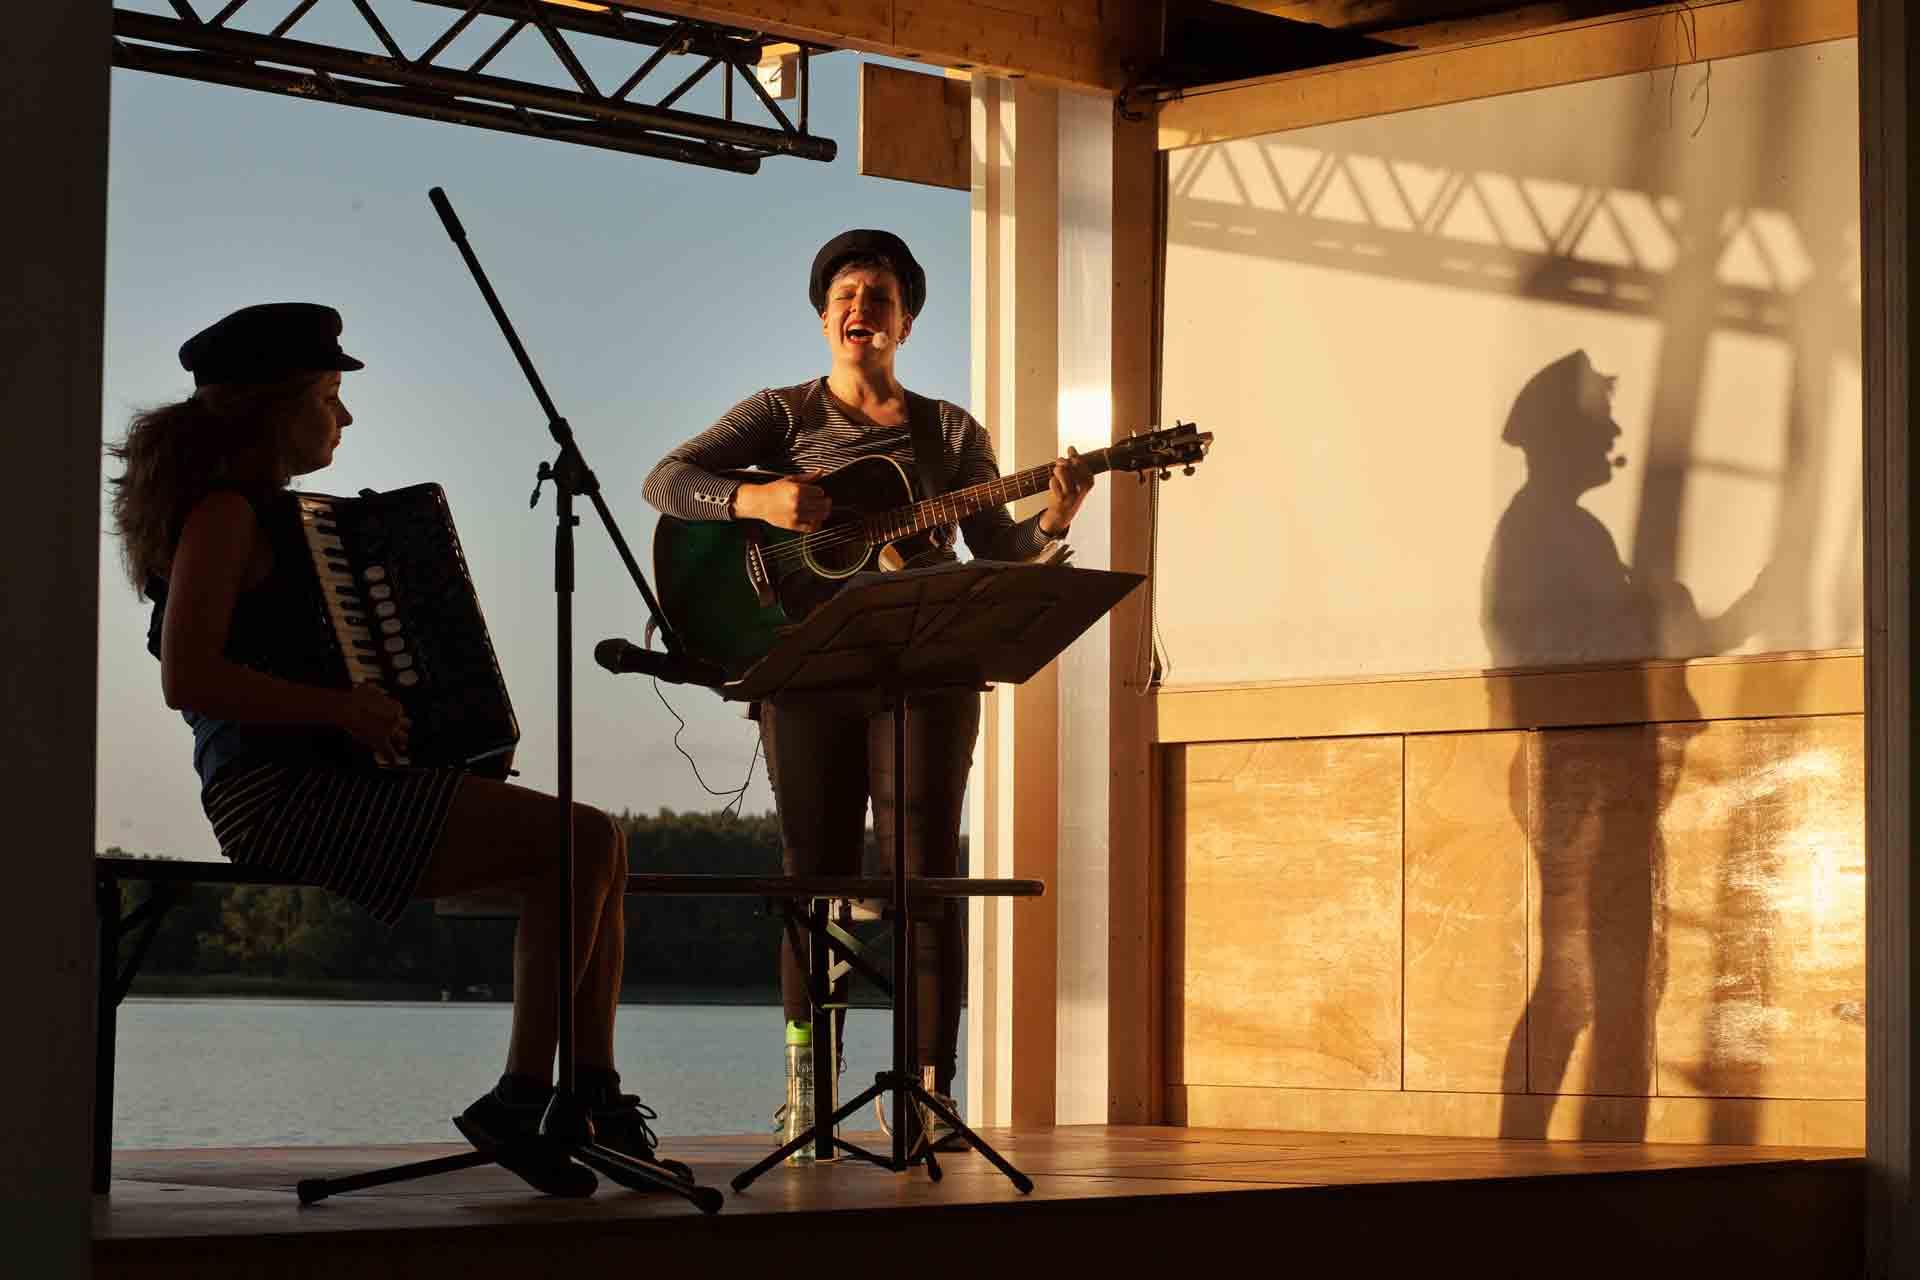 Musikerinnen mit Akkordeon und Gitarre machen Ufermusik, Giarristin singt